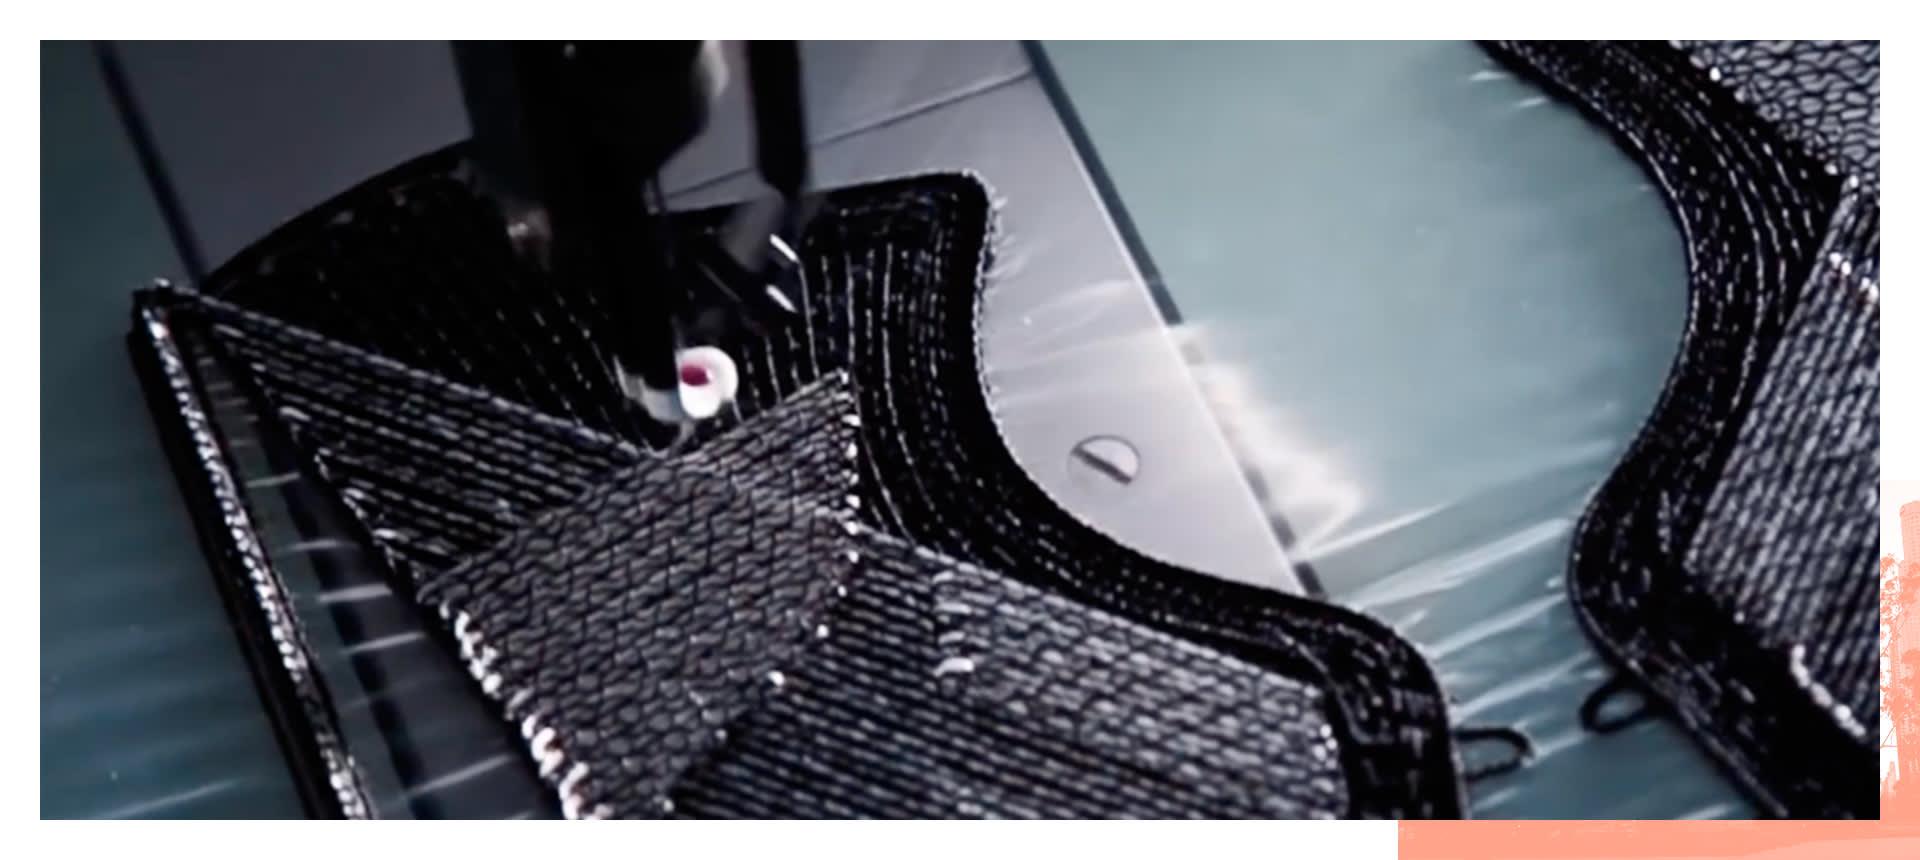 Solarboost Chaussure AdidasFr Découvre De Running La Nouvelle c453LqARj